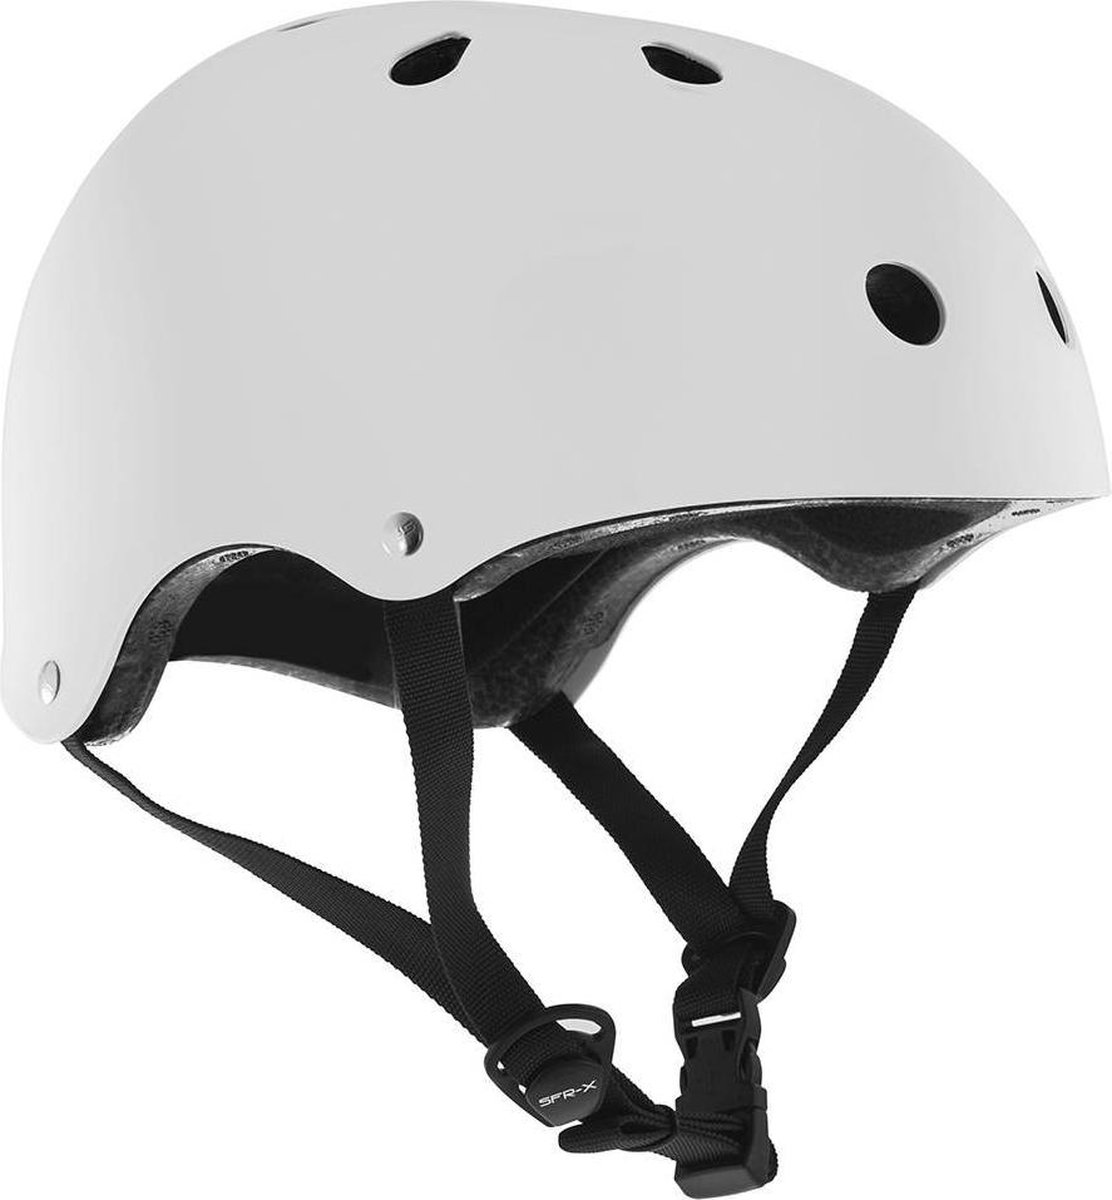 SFR SFR Essentials Skate/BMX Sporthelm - UnisexKinderen en volwassenen - wit